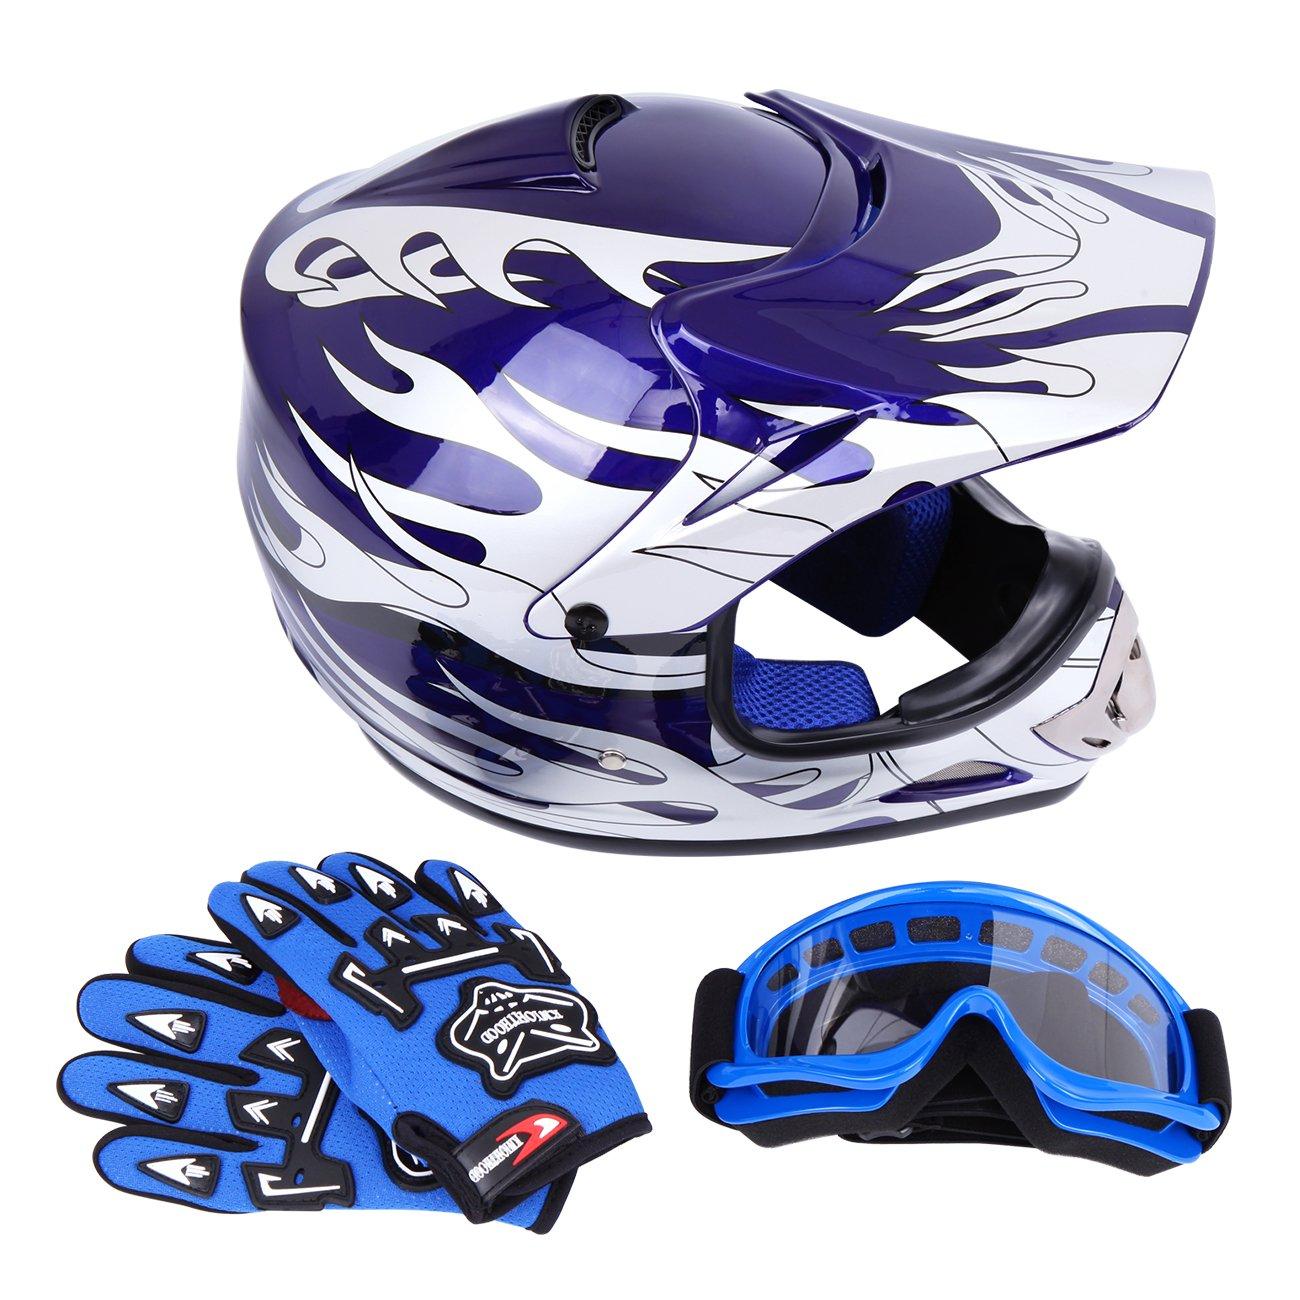 Samger DOT Youth Ni/ños fuera del Casco de motocross Dirt Bike Casco de motocicleta con guantes Gafas S, Verde